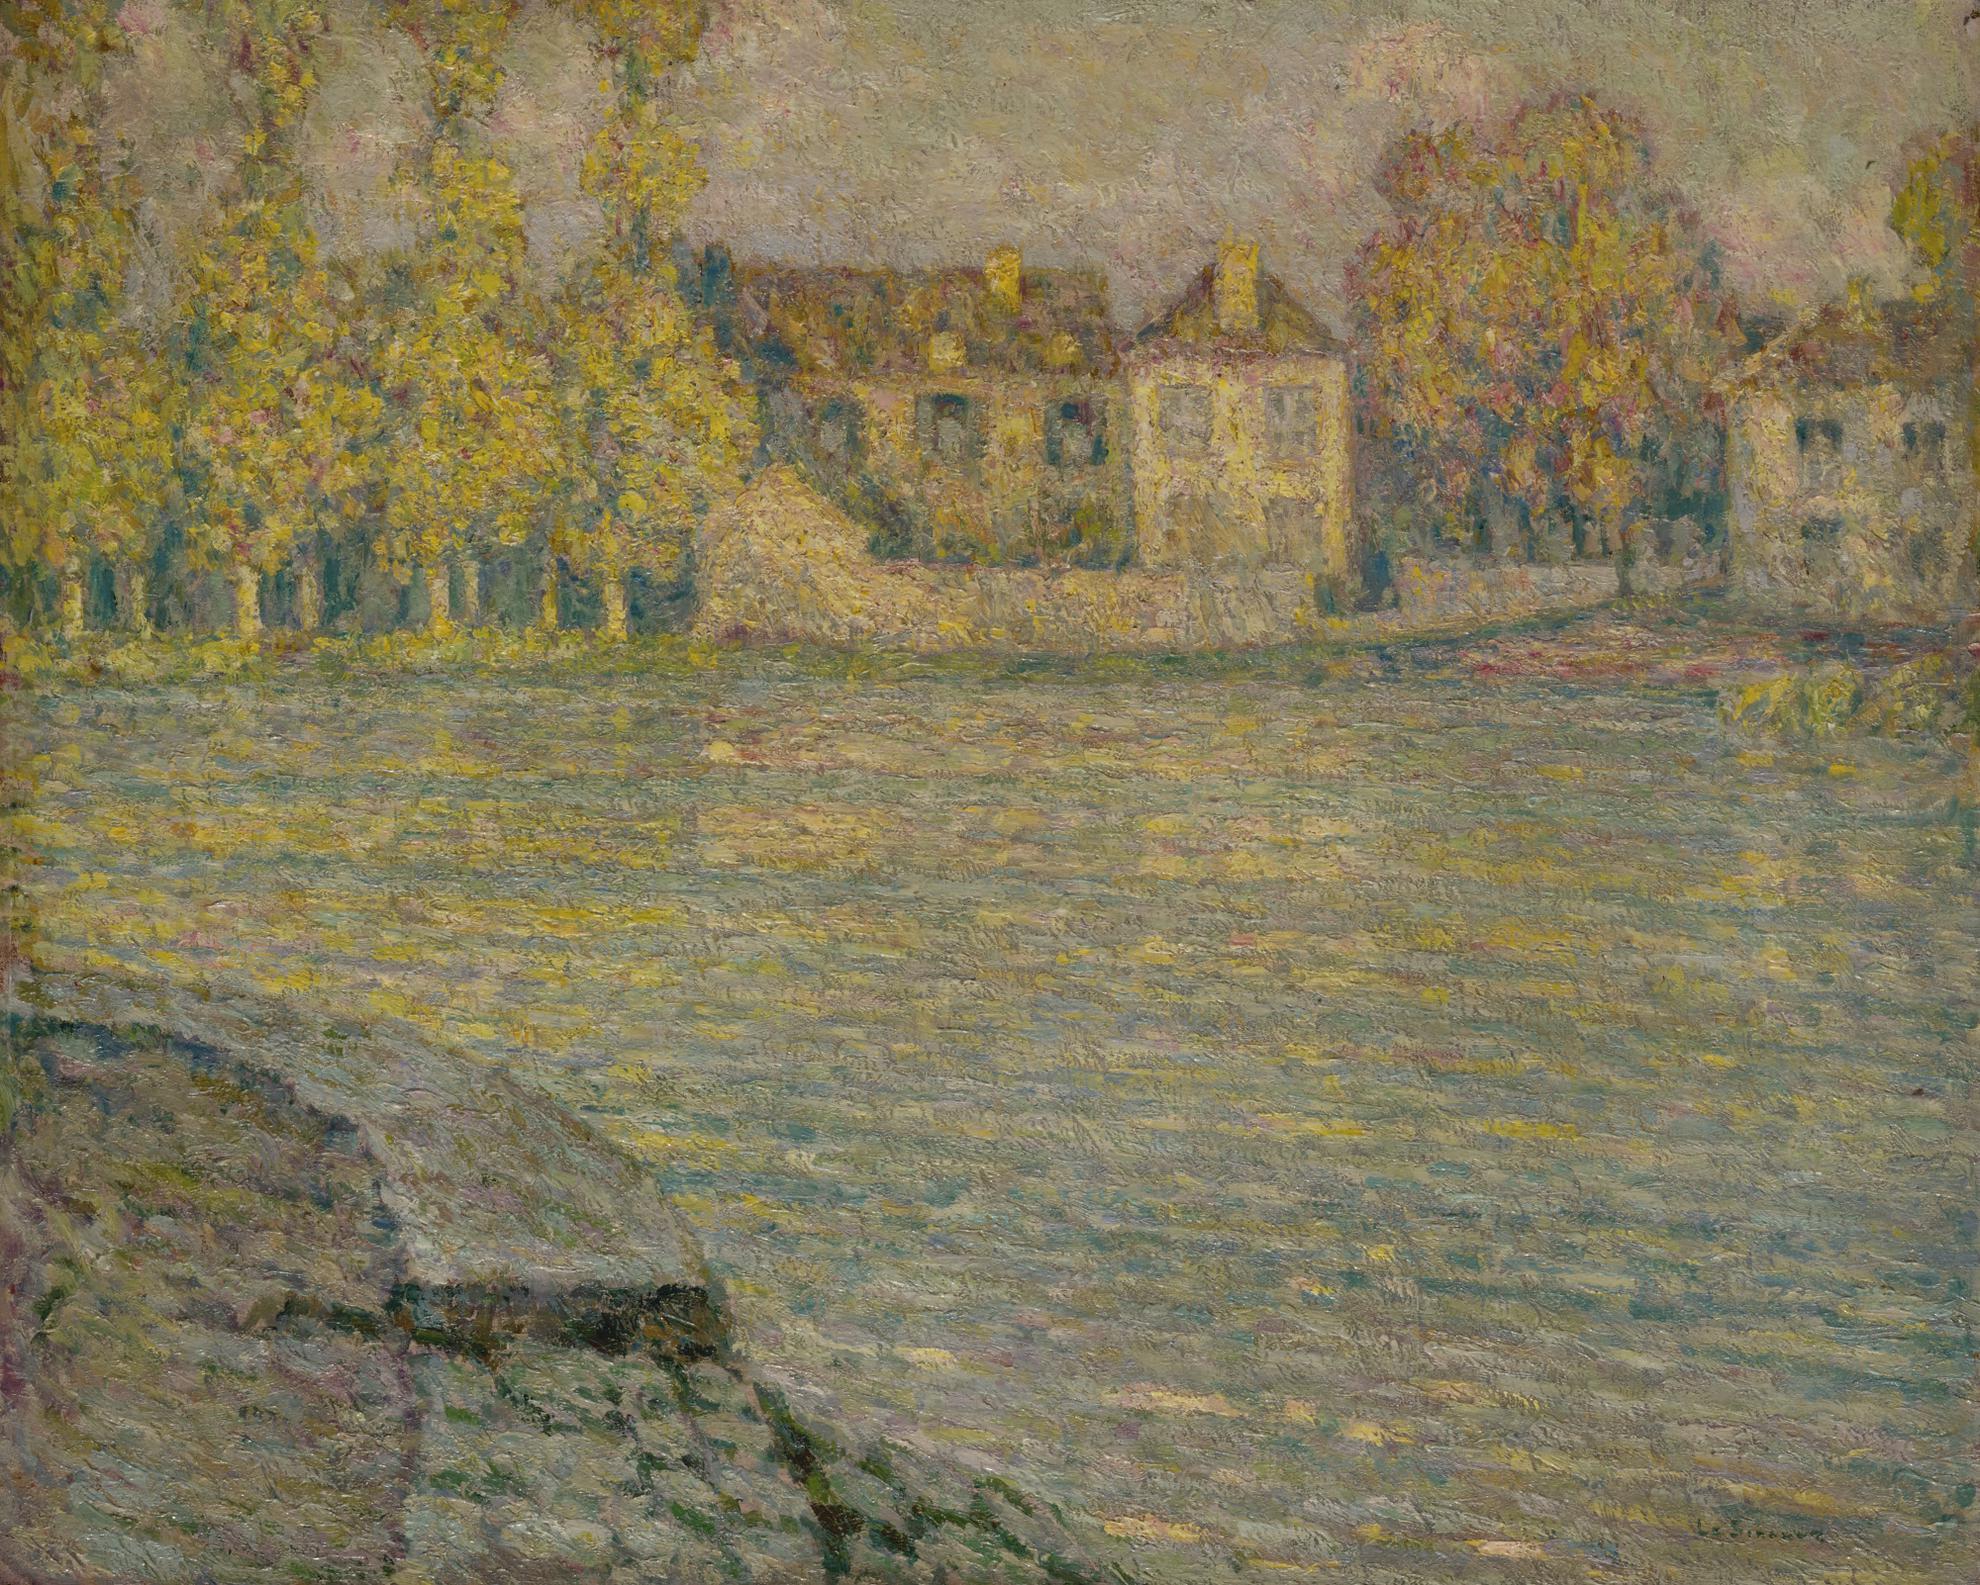 Henri Eugene Le Sidaner-Maisons Sur La Riviere Au Soleil Couchant, Moret-1918